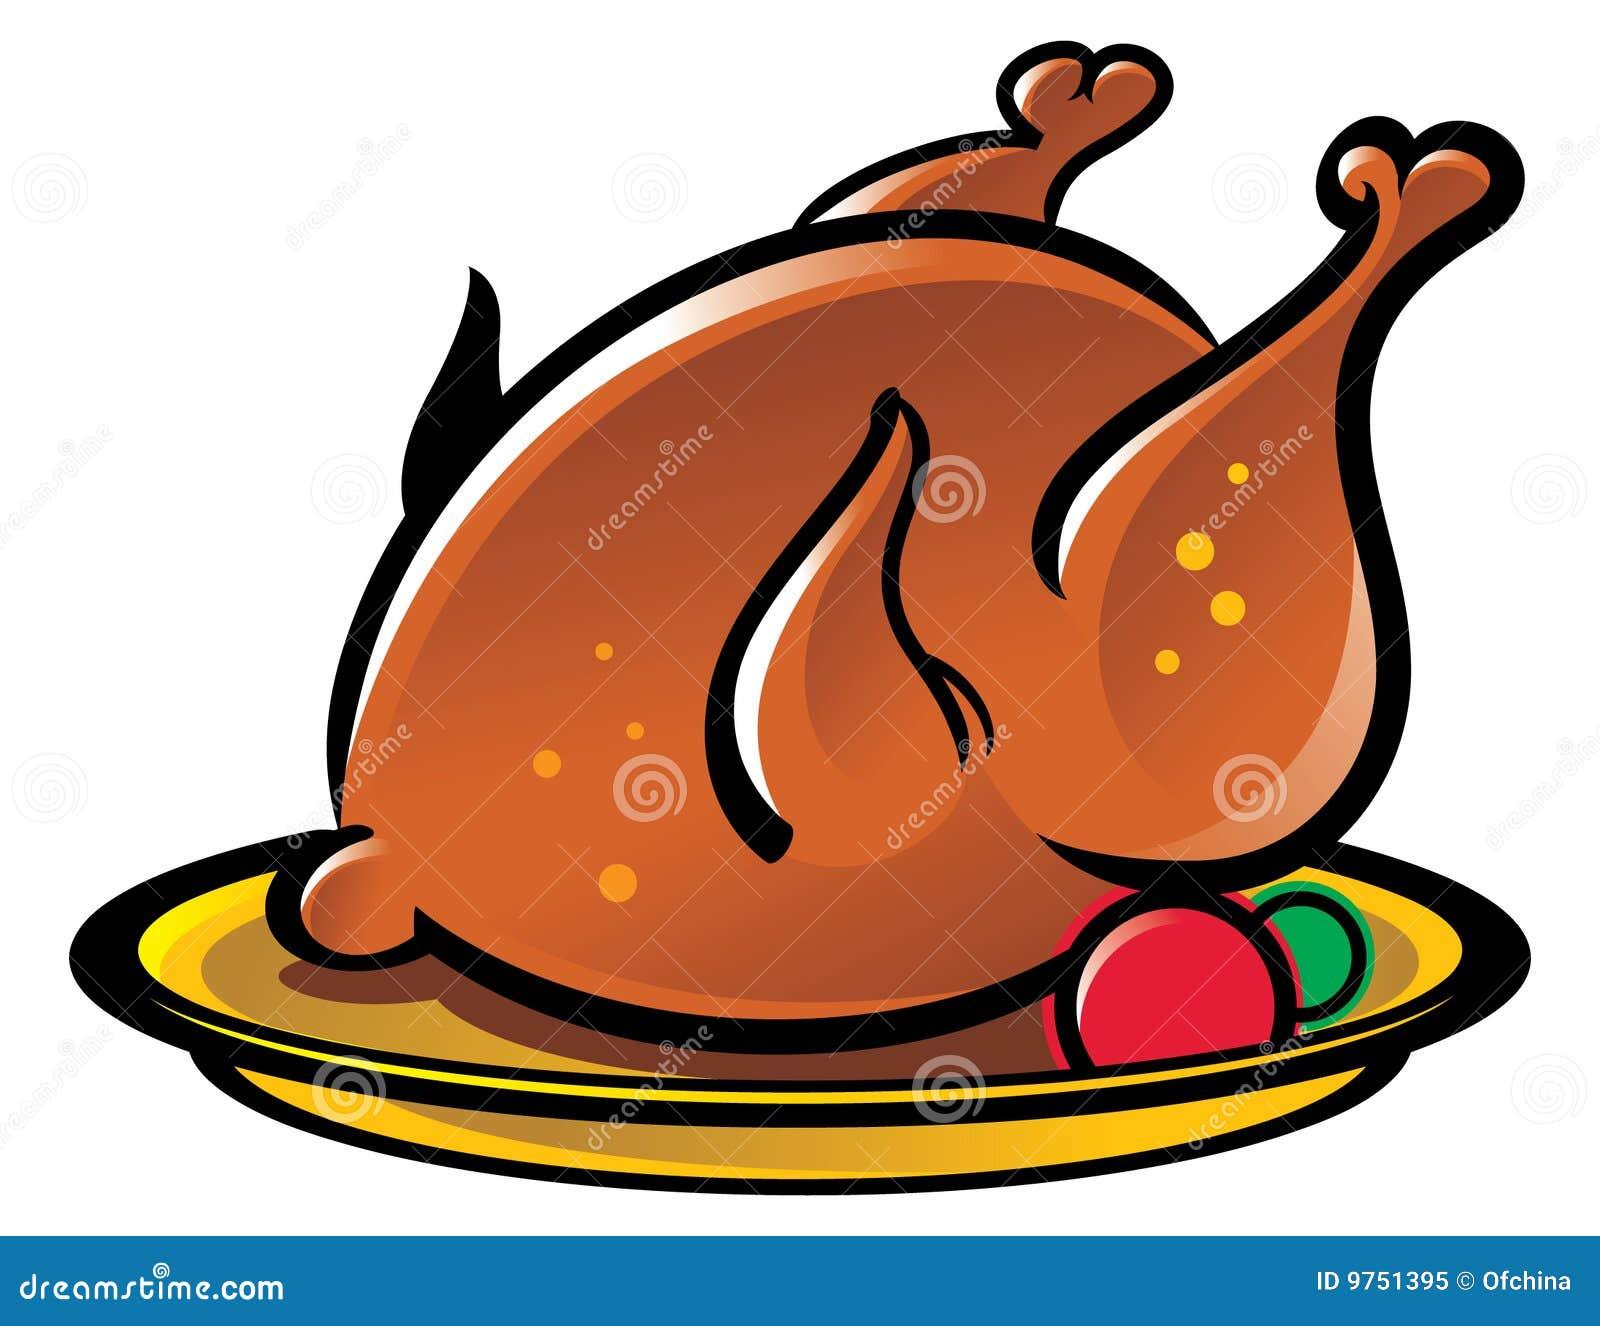 Pollo asado a la parilla ilustración del vector